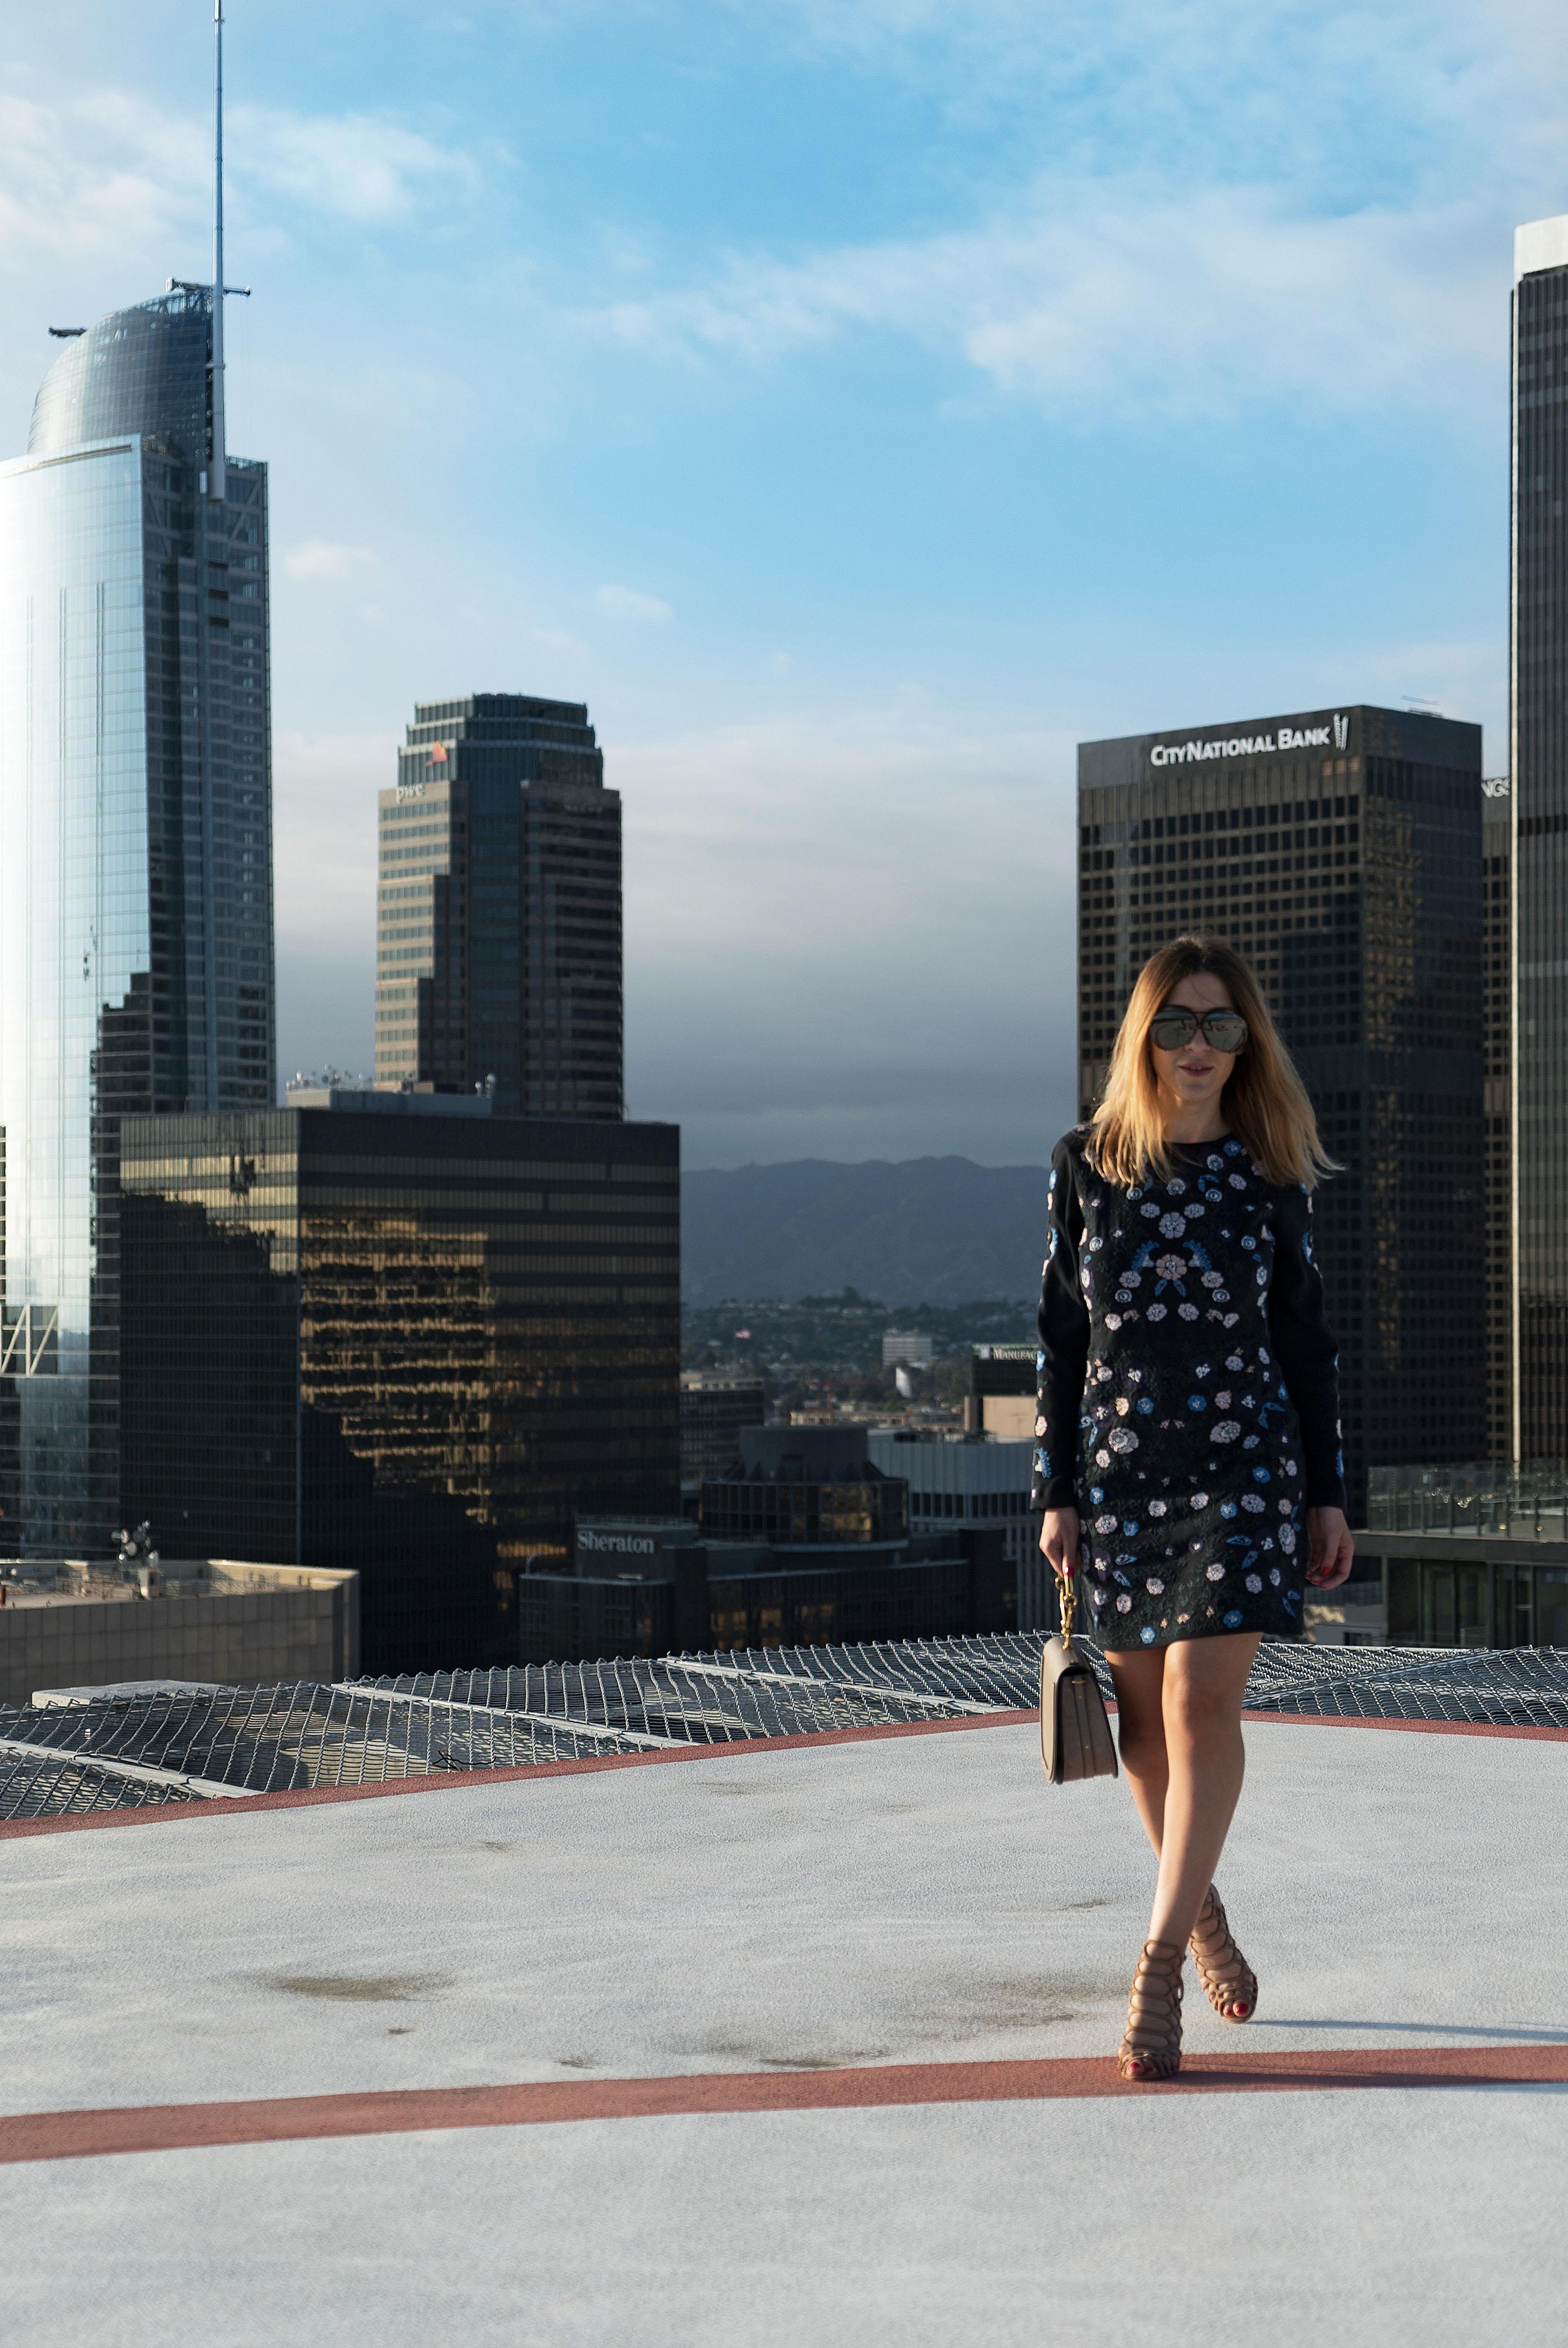 DTLA in Club Monaco Dress & Chloe Bag